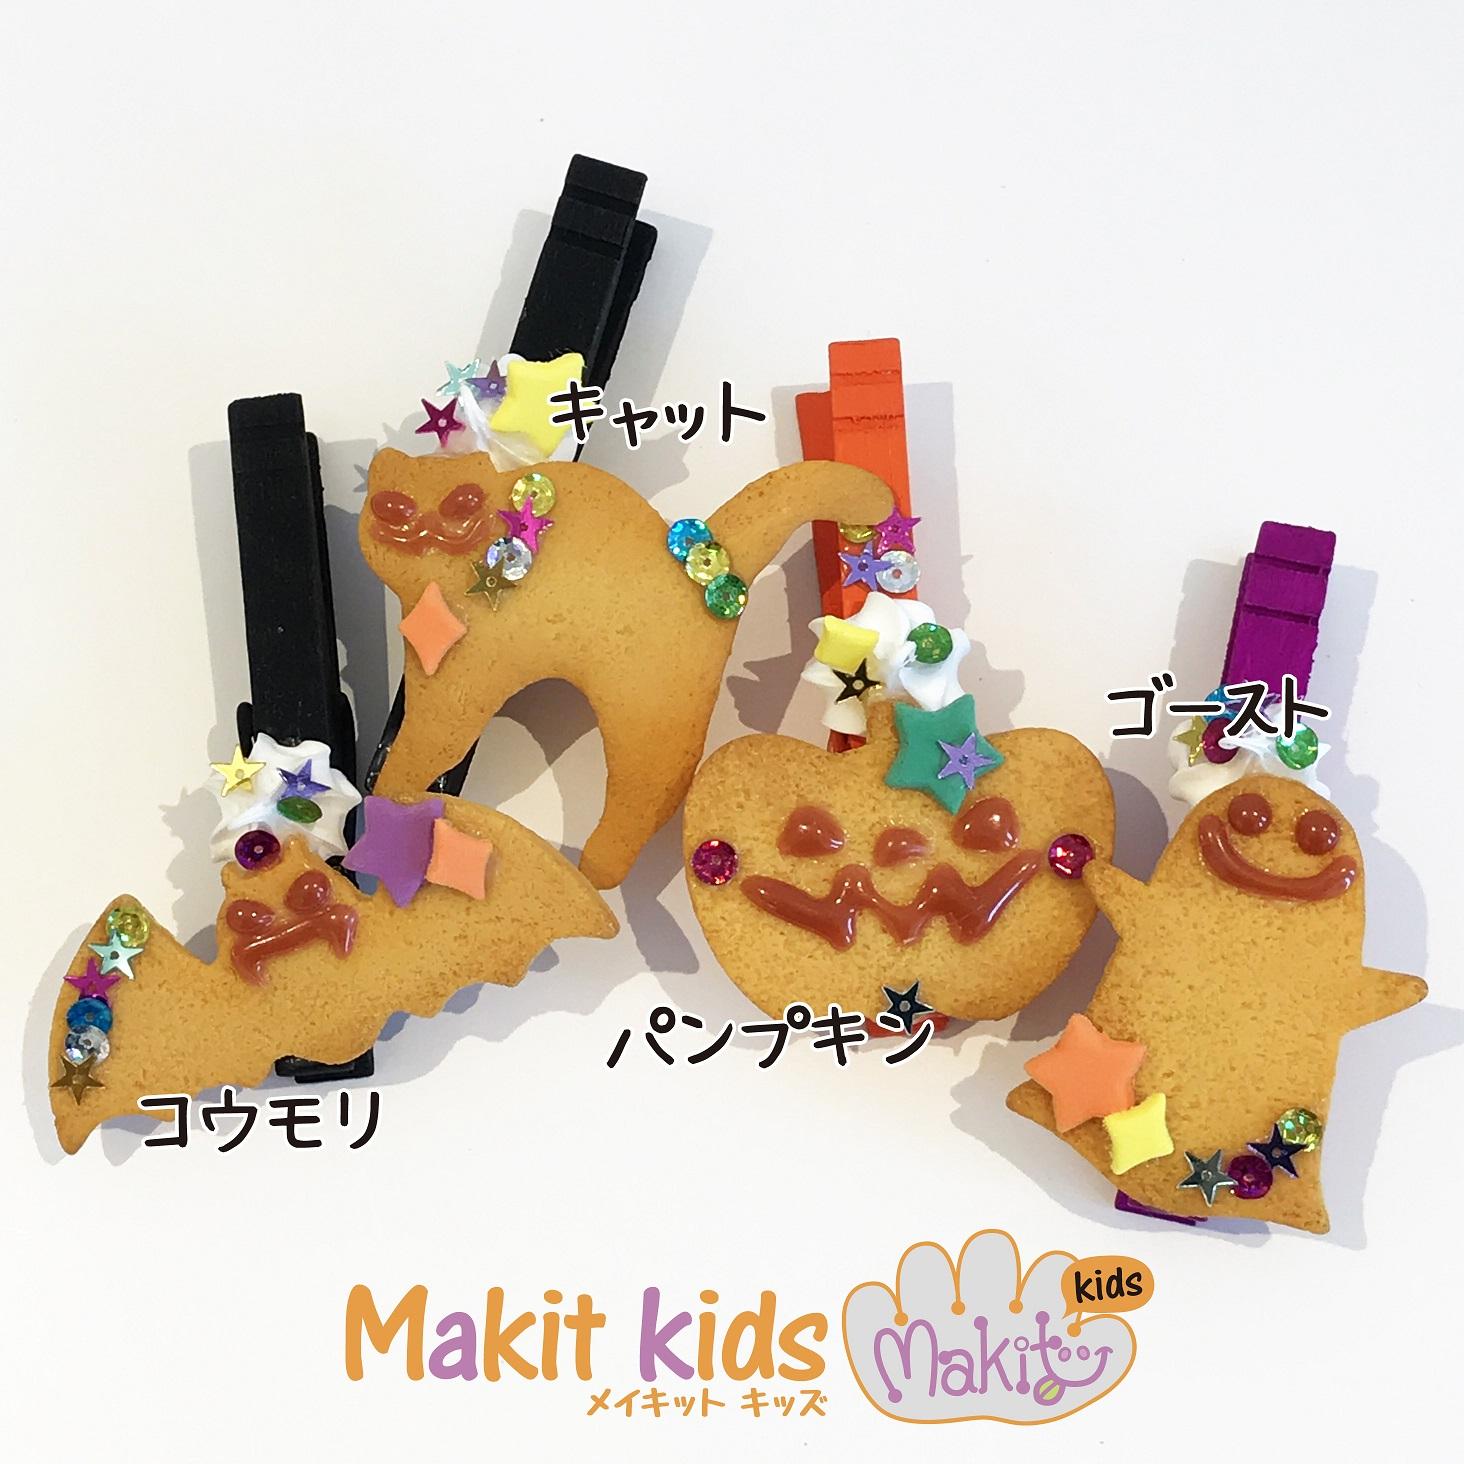 ハロウィーンクッキークリップのイメージ